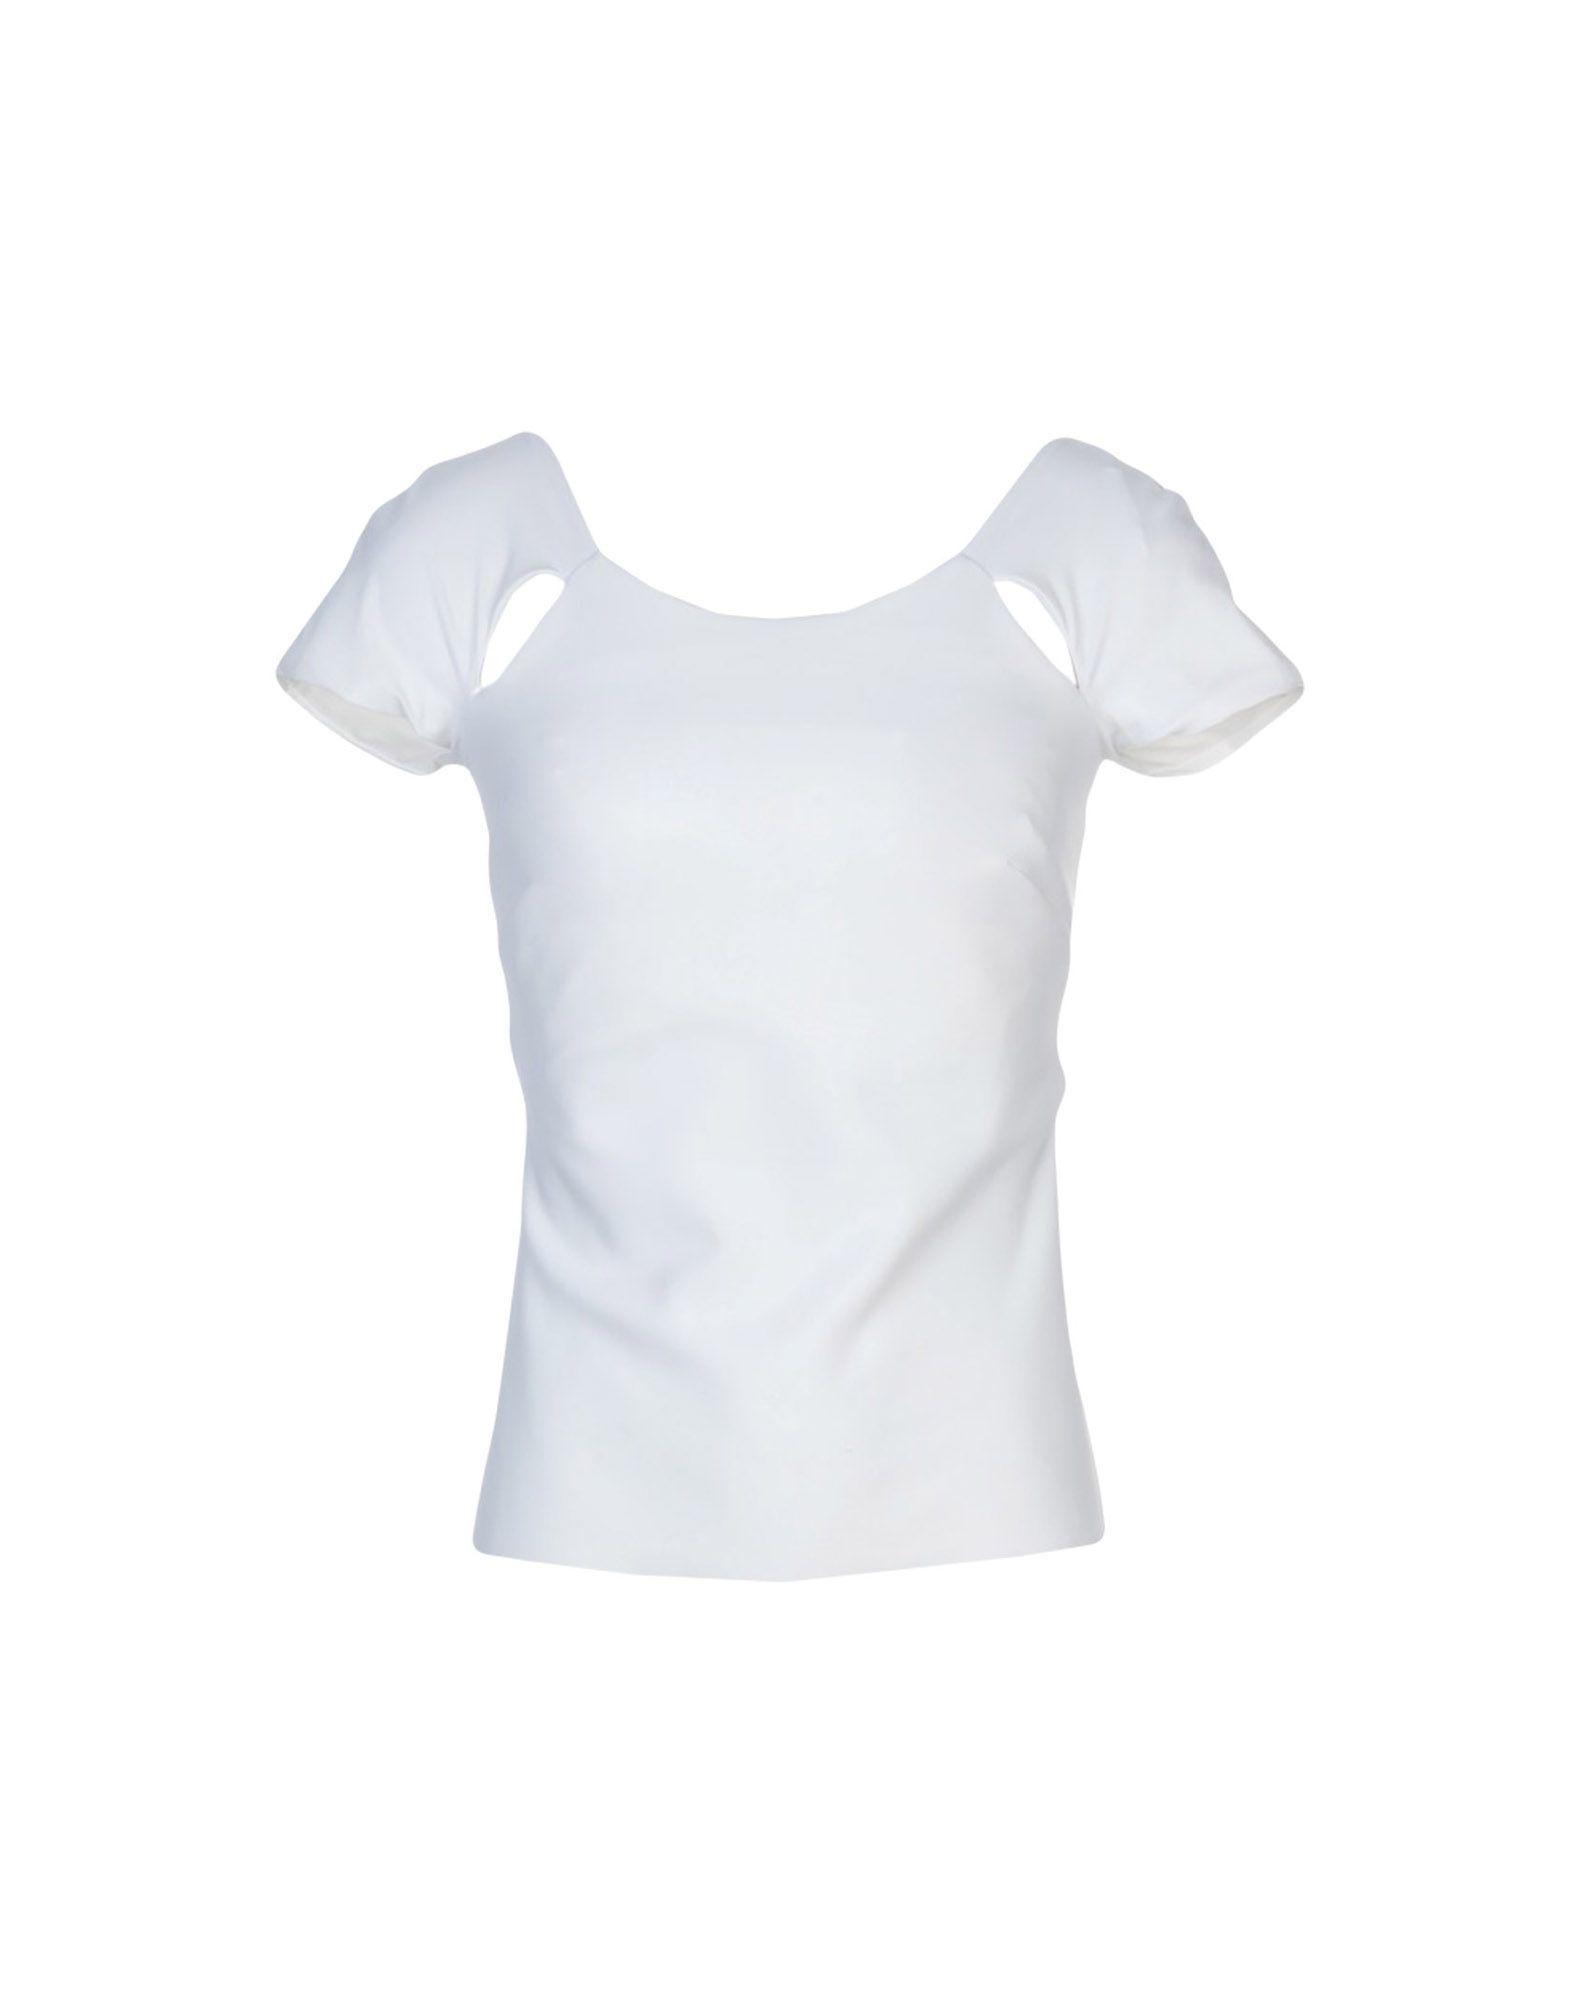 CHIARA BONI LA PETITE ROBE Футболка chiara boni la petite robe футболка